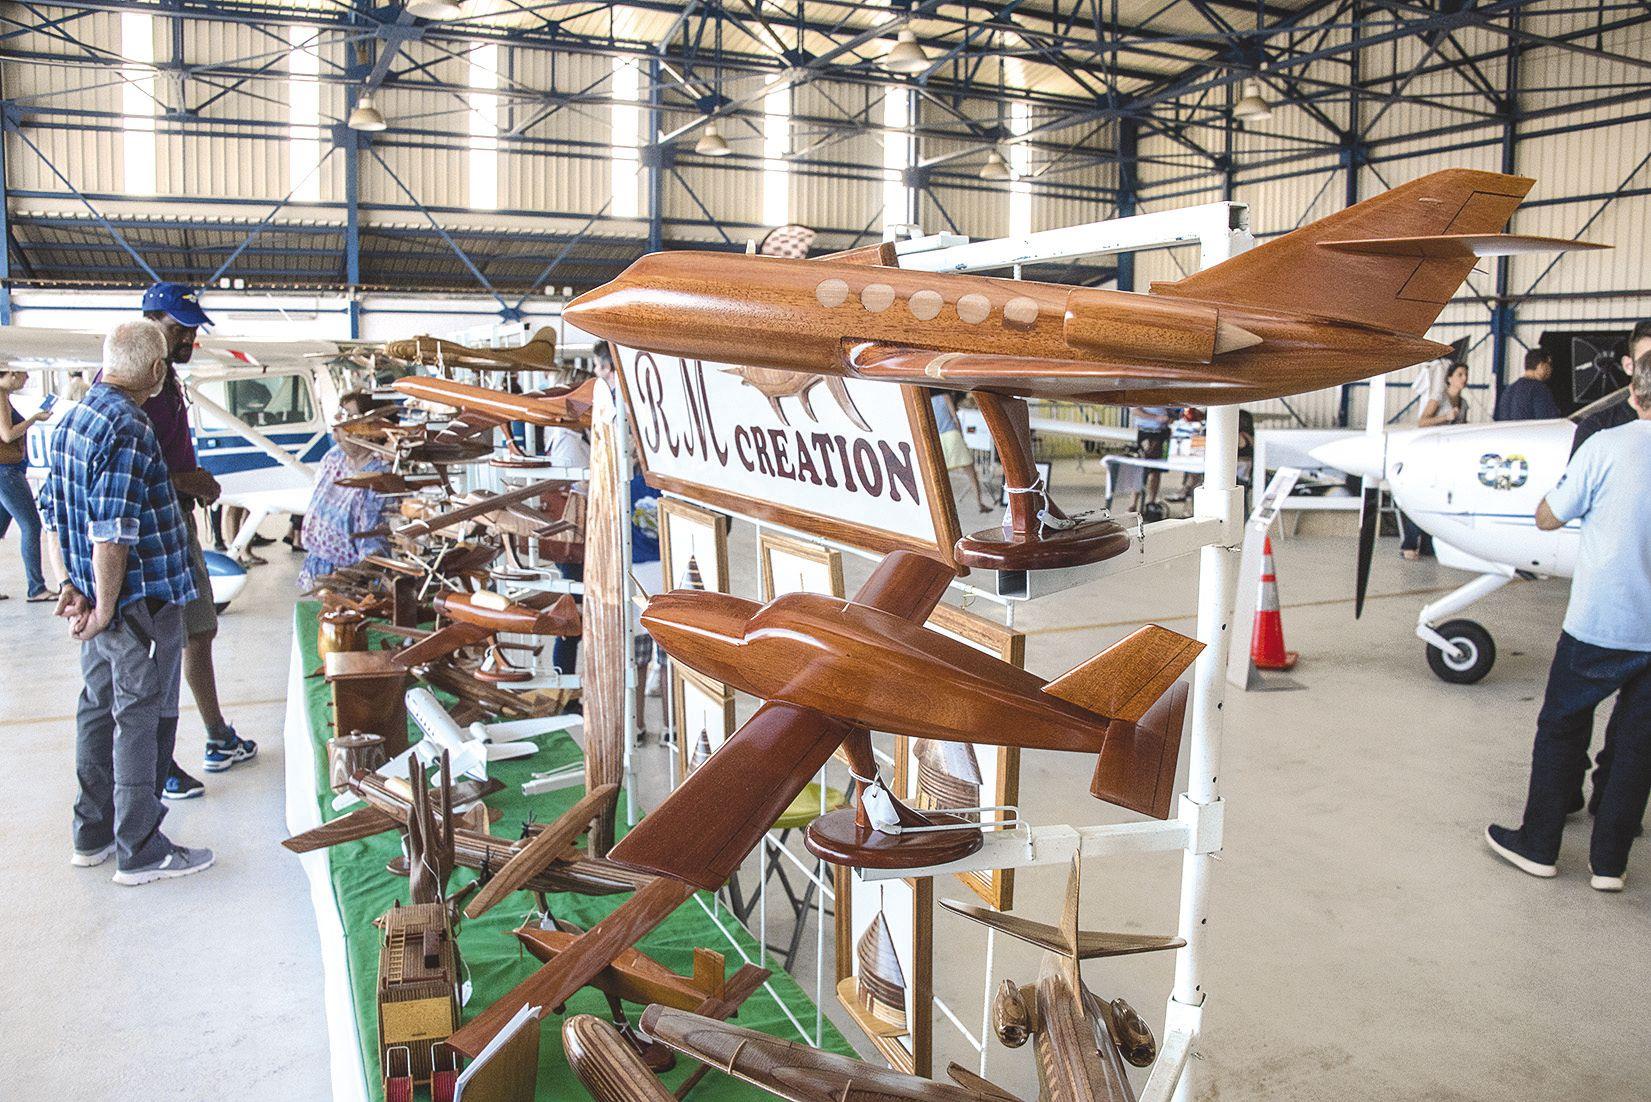 L'aéronautique inspire : RM création et ses avions en bois était présent tout comme le club de modélisme les  Alcyons, dont le terrain de jeu se trouve à Nakutakoin.